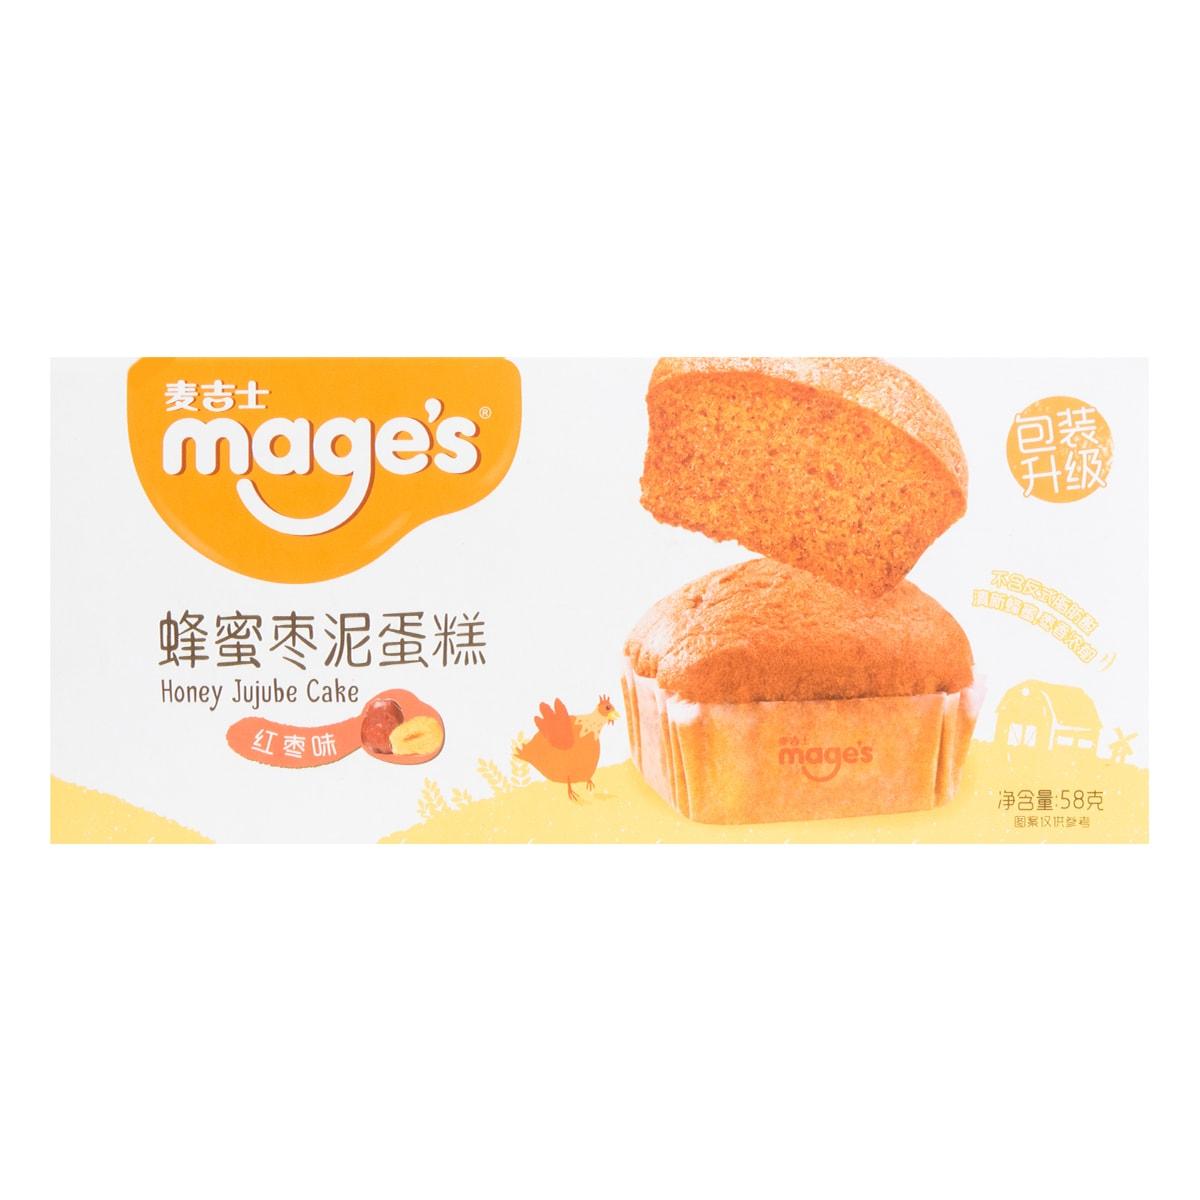 麦吉士 蜂蜜枣泥蛋糕 红枣味 58g